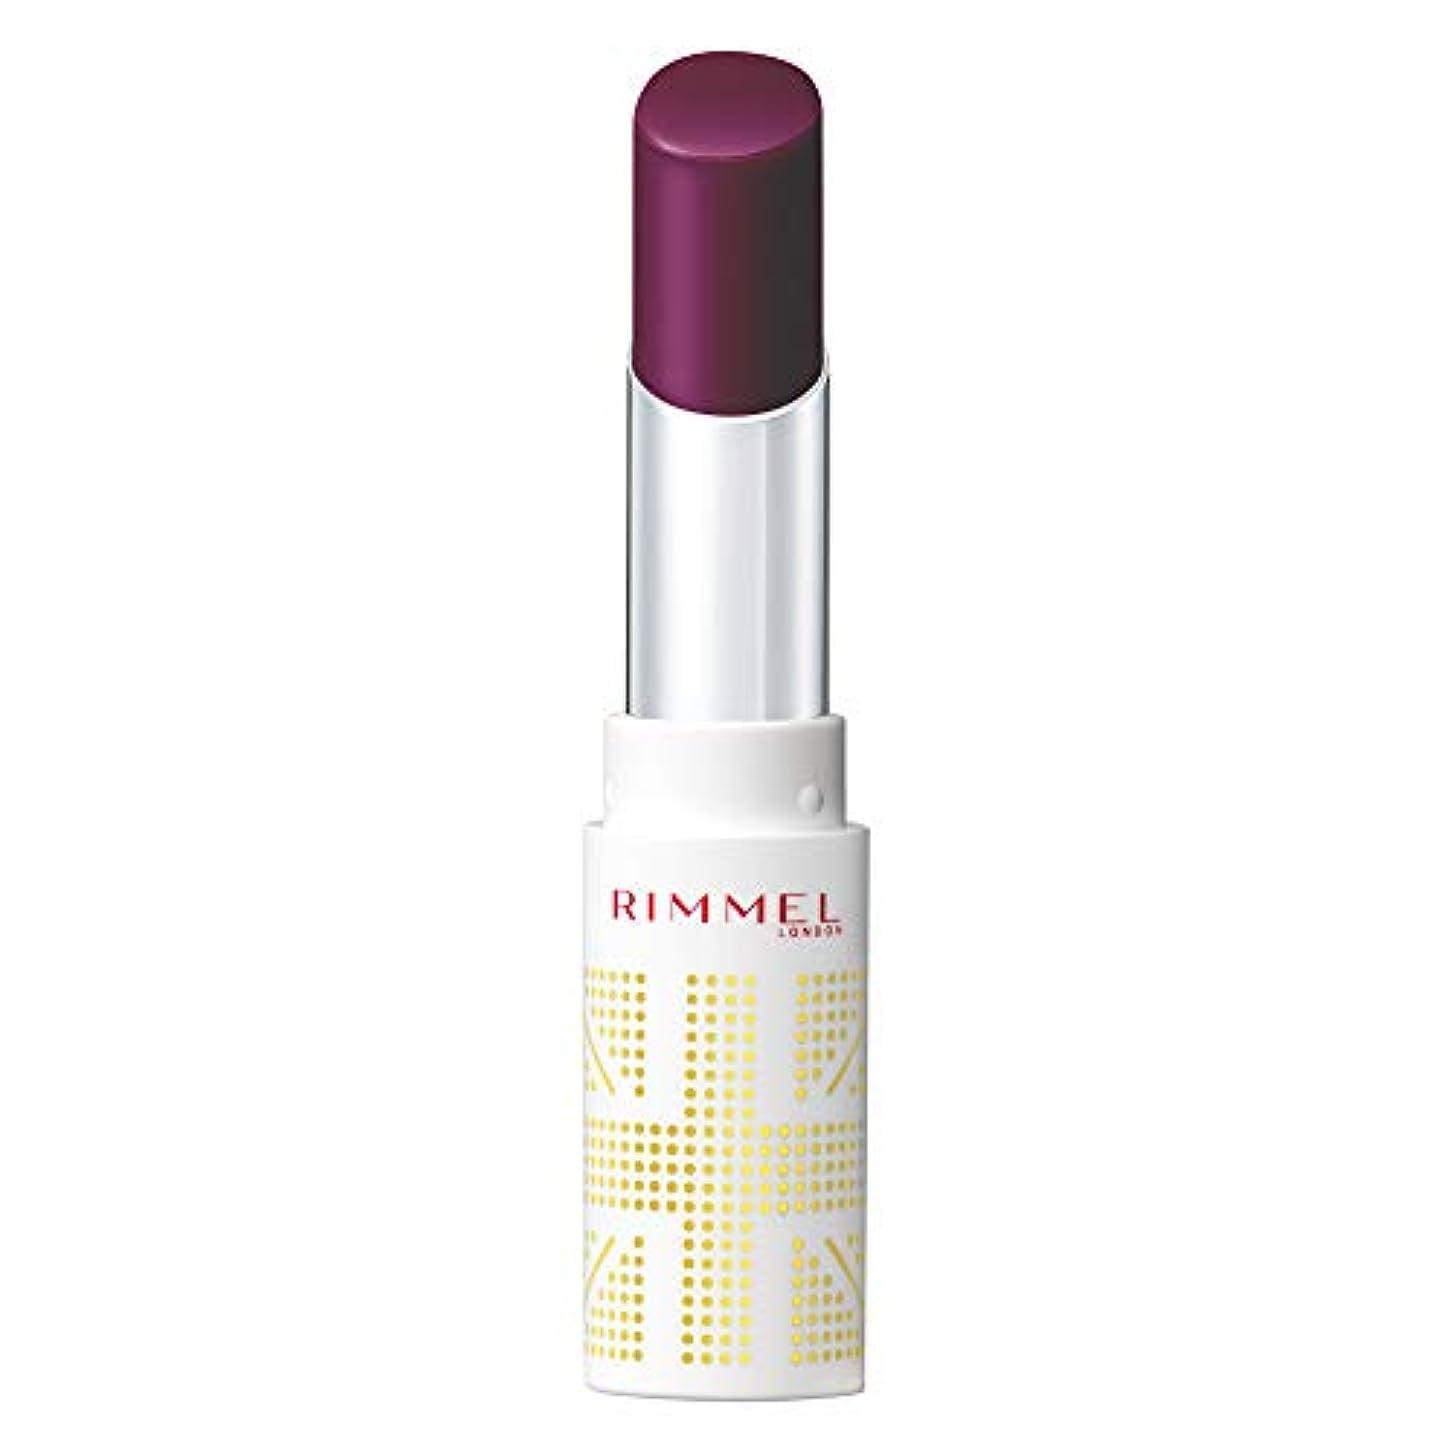 早熟フラフープ支配するRimmel (リンメル) リンメル ラスティングフィニッシュ オイルティントリップ 005 ダークパープル 3.8g 口紅